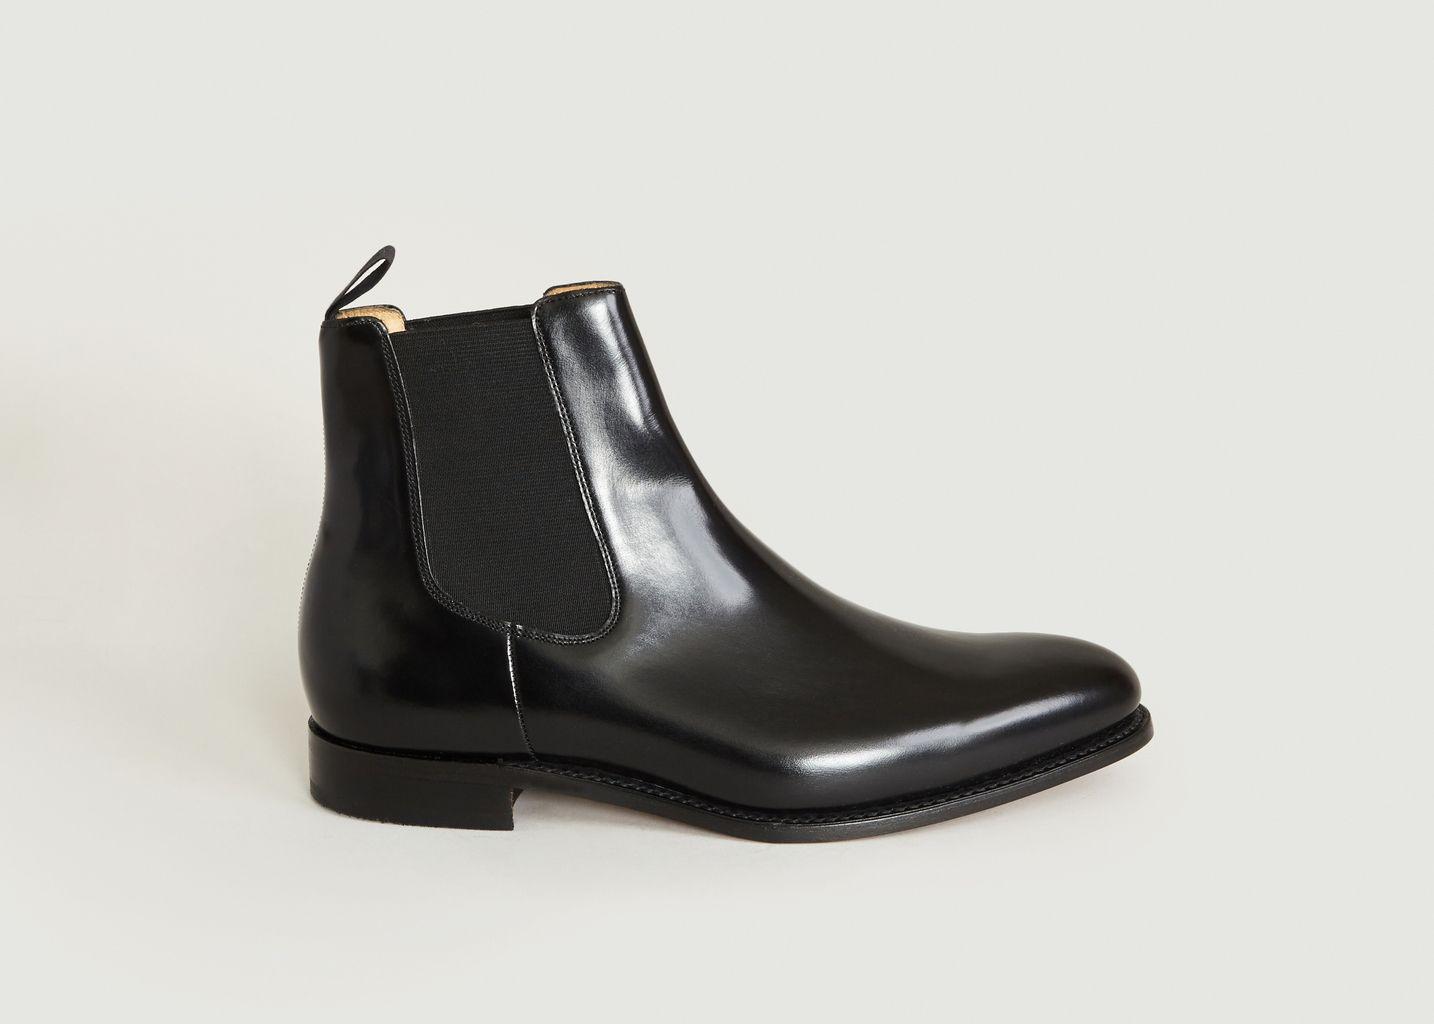 Bottines Bedale - Barker Shoes